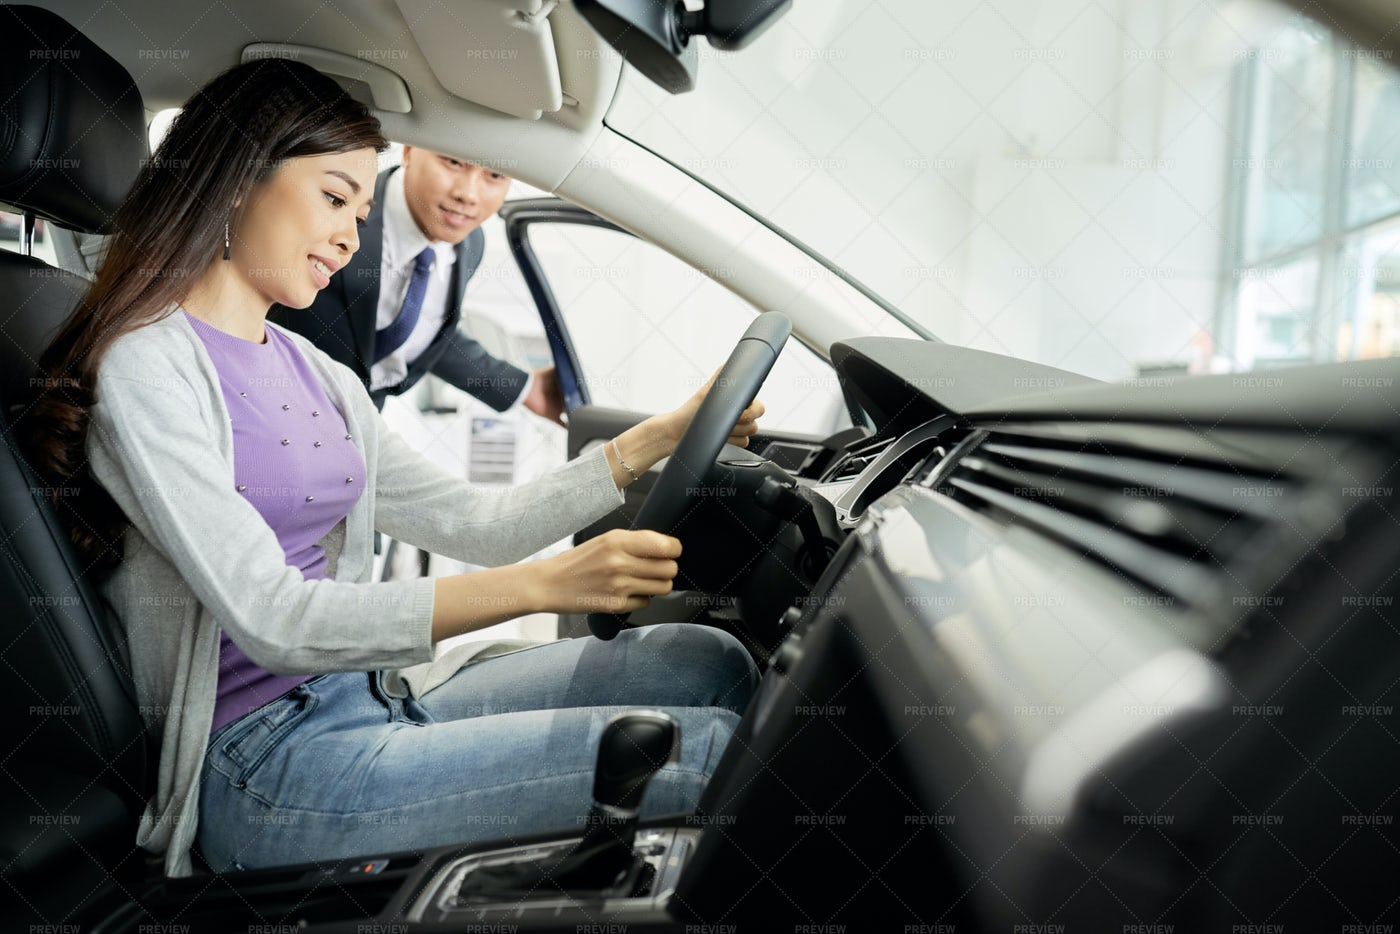 Young Woman Testing Car: Stock Photos